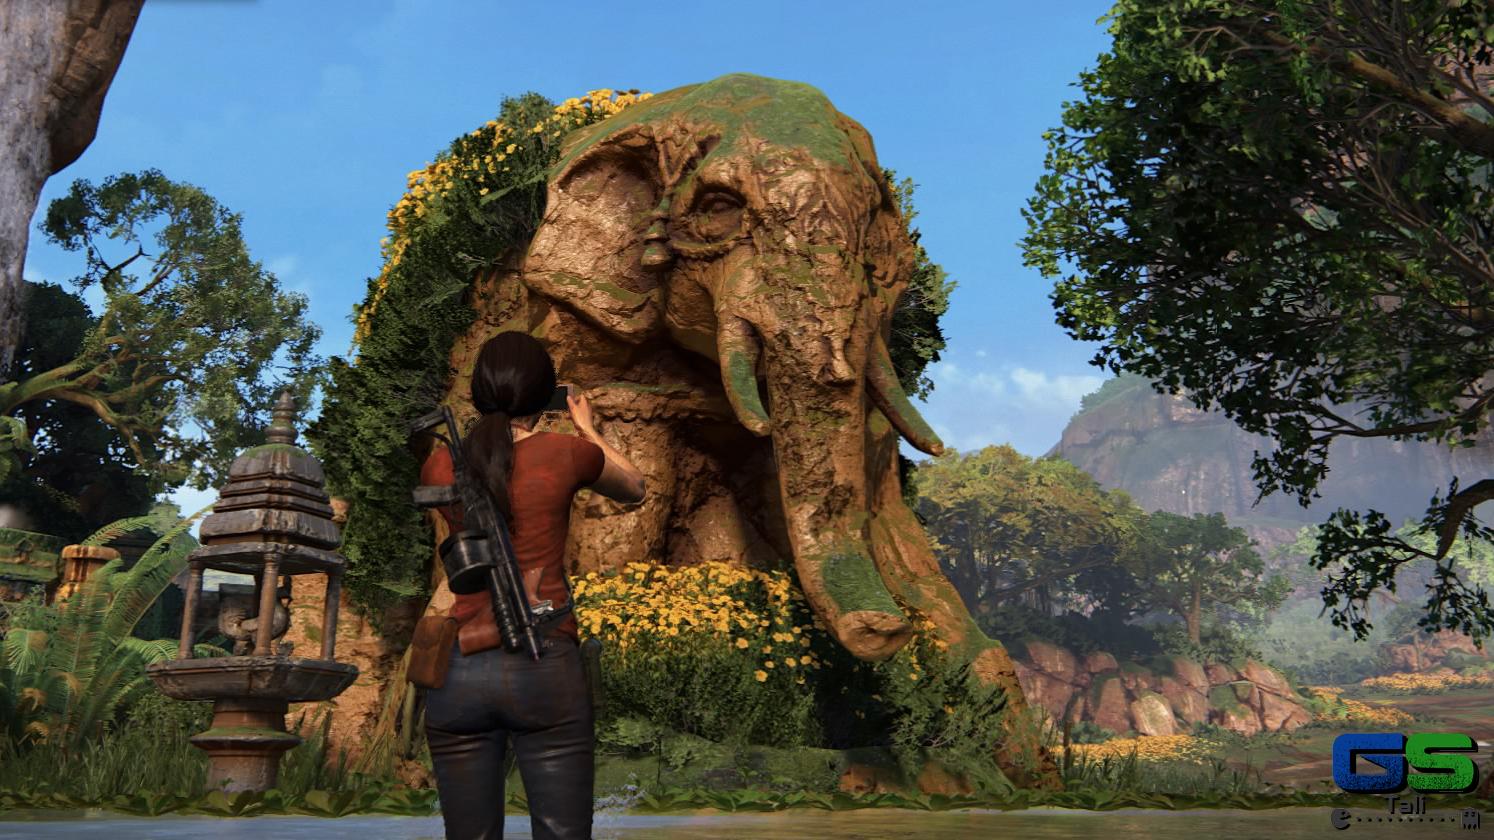 Uncharted: L'eredità Perduta - Una scultura particolarmente fotogenica!